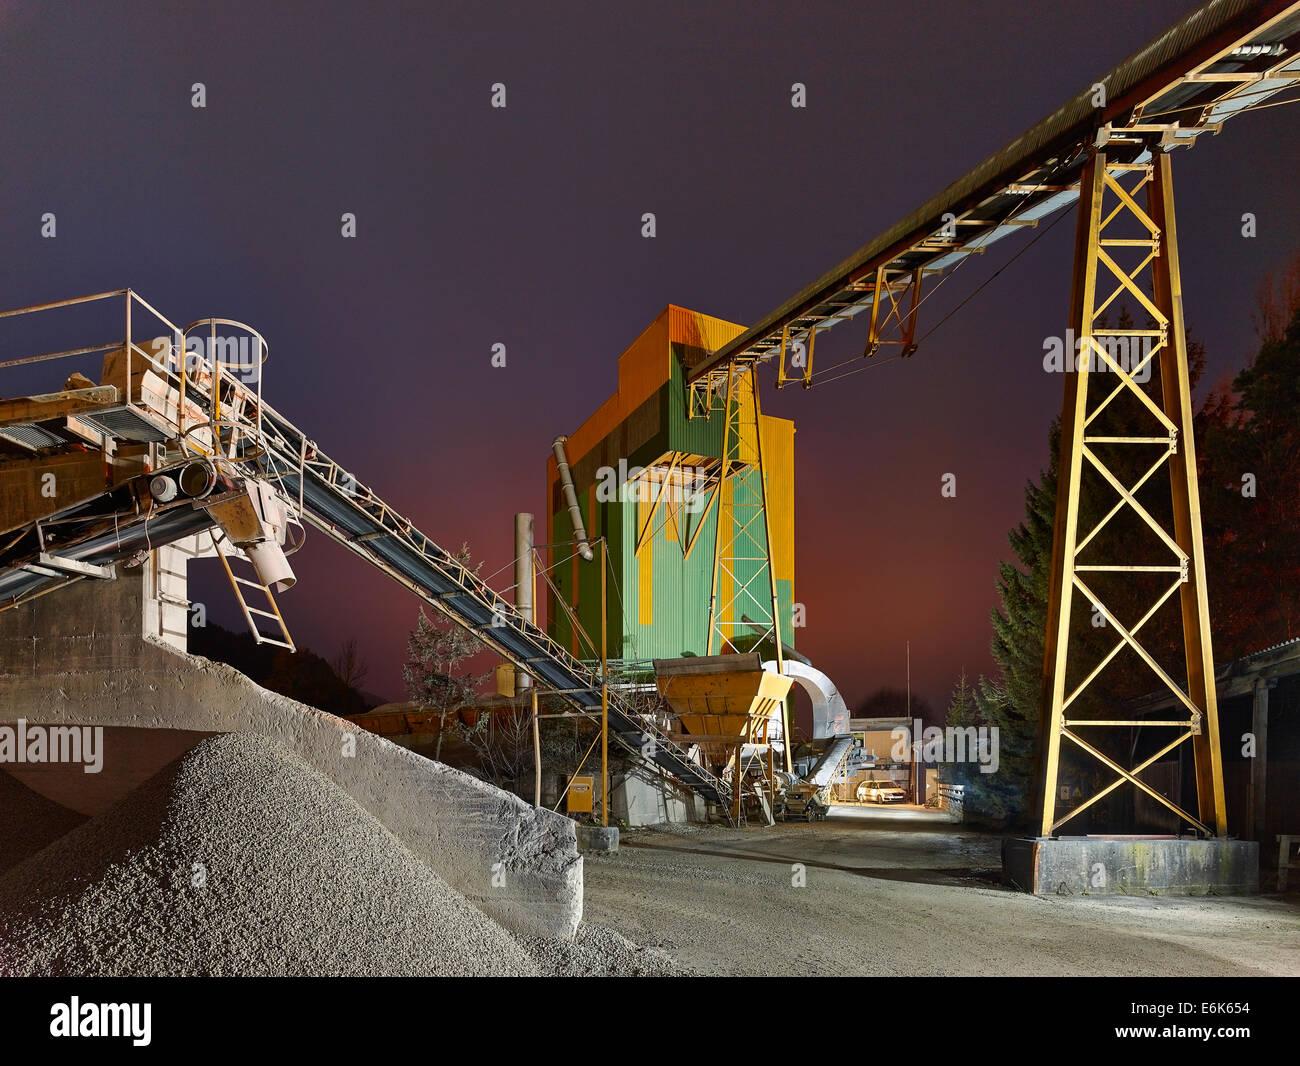 Convoyeur à bande dans une usine de production de gravier, tarmac, au crépuscule, Wörgl, Tyrol, Autriche Photo Stock